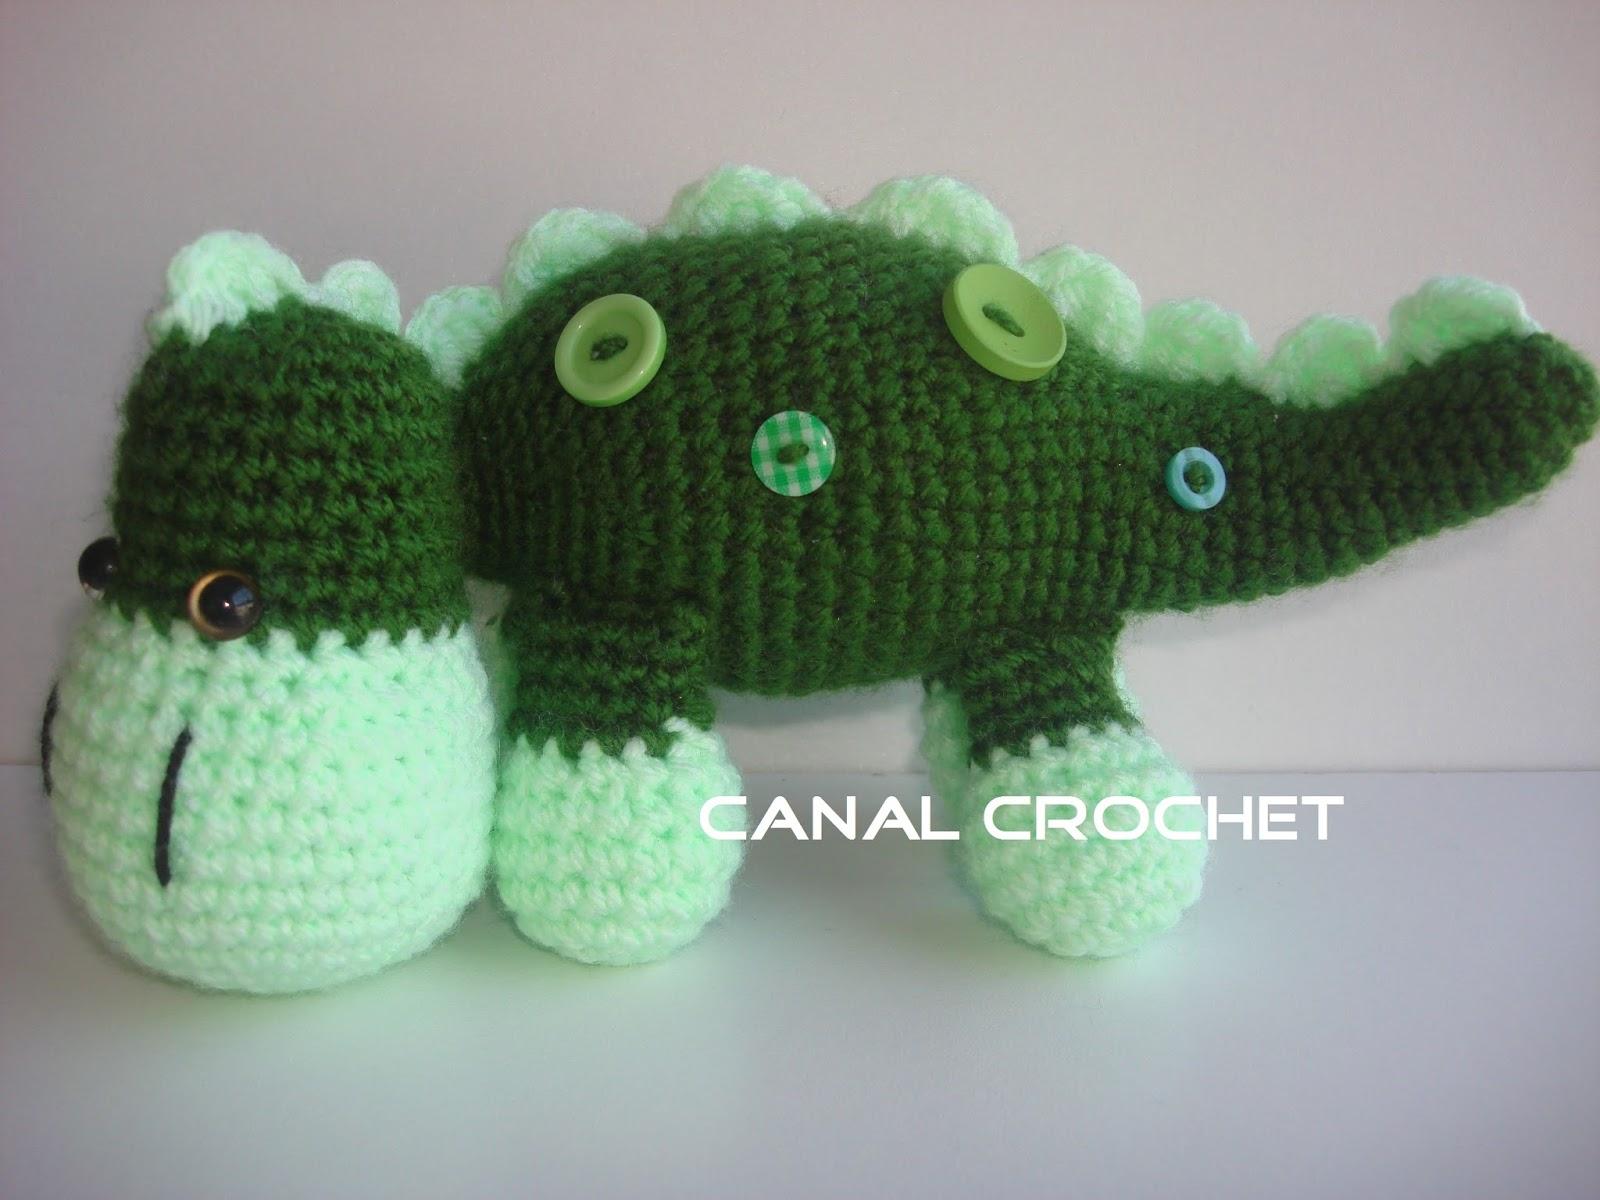 CANAL CROCHET: Dino bebe amigurumi